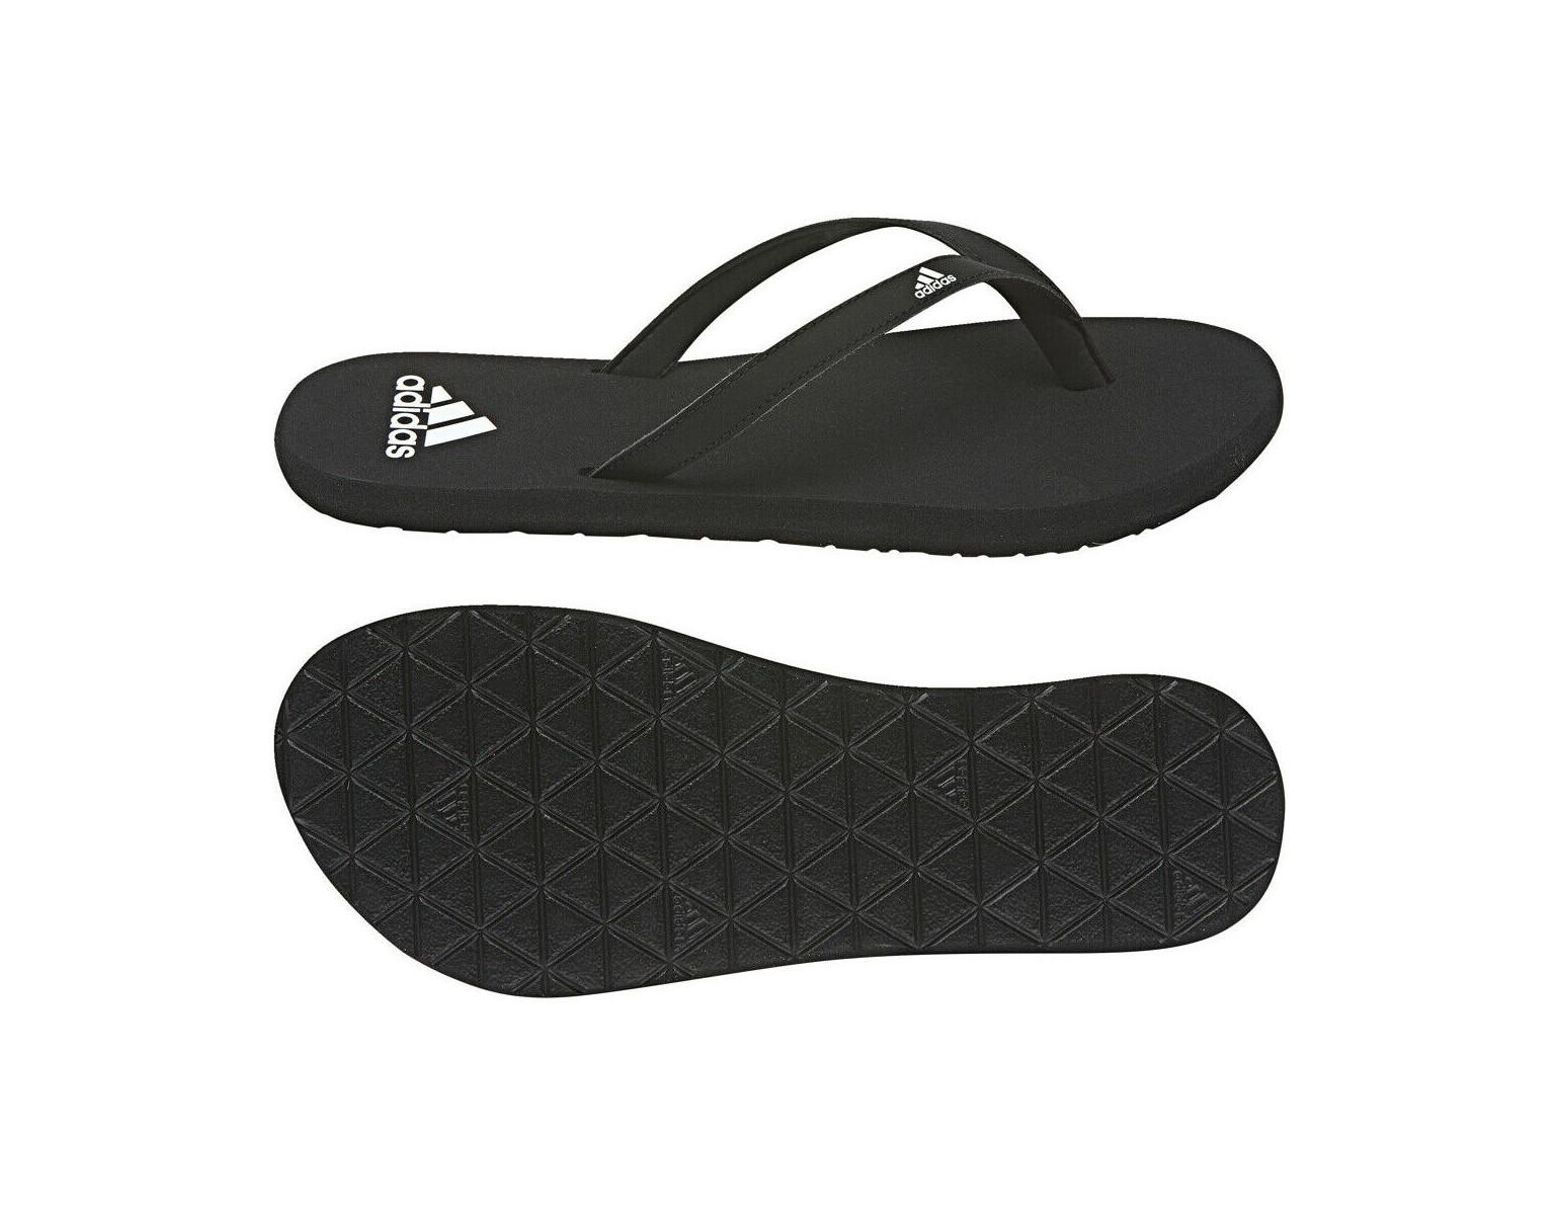 afa9f0de6 adidas Eezay Flip Flop F35035 Women's Flip Flops / Sandals (shoes) In Black  in Black - Lyst